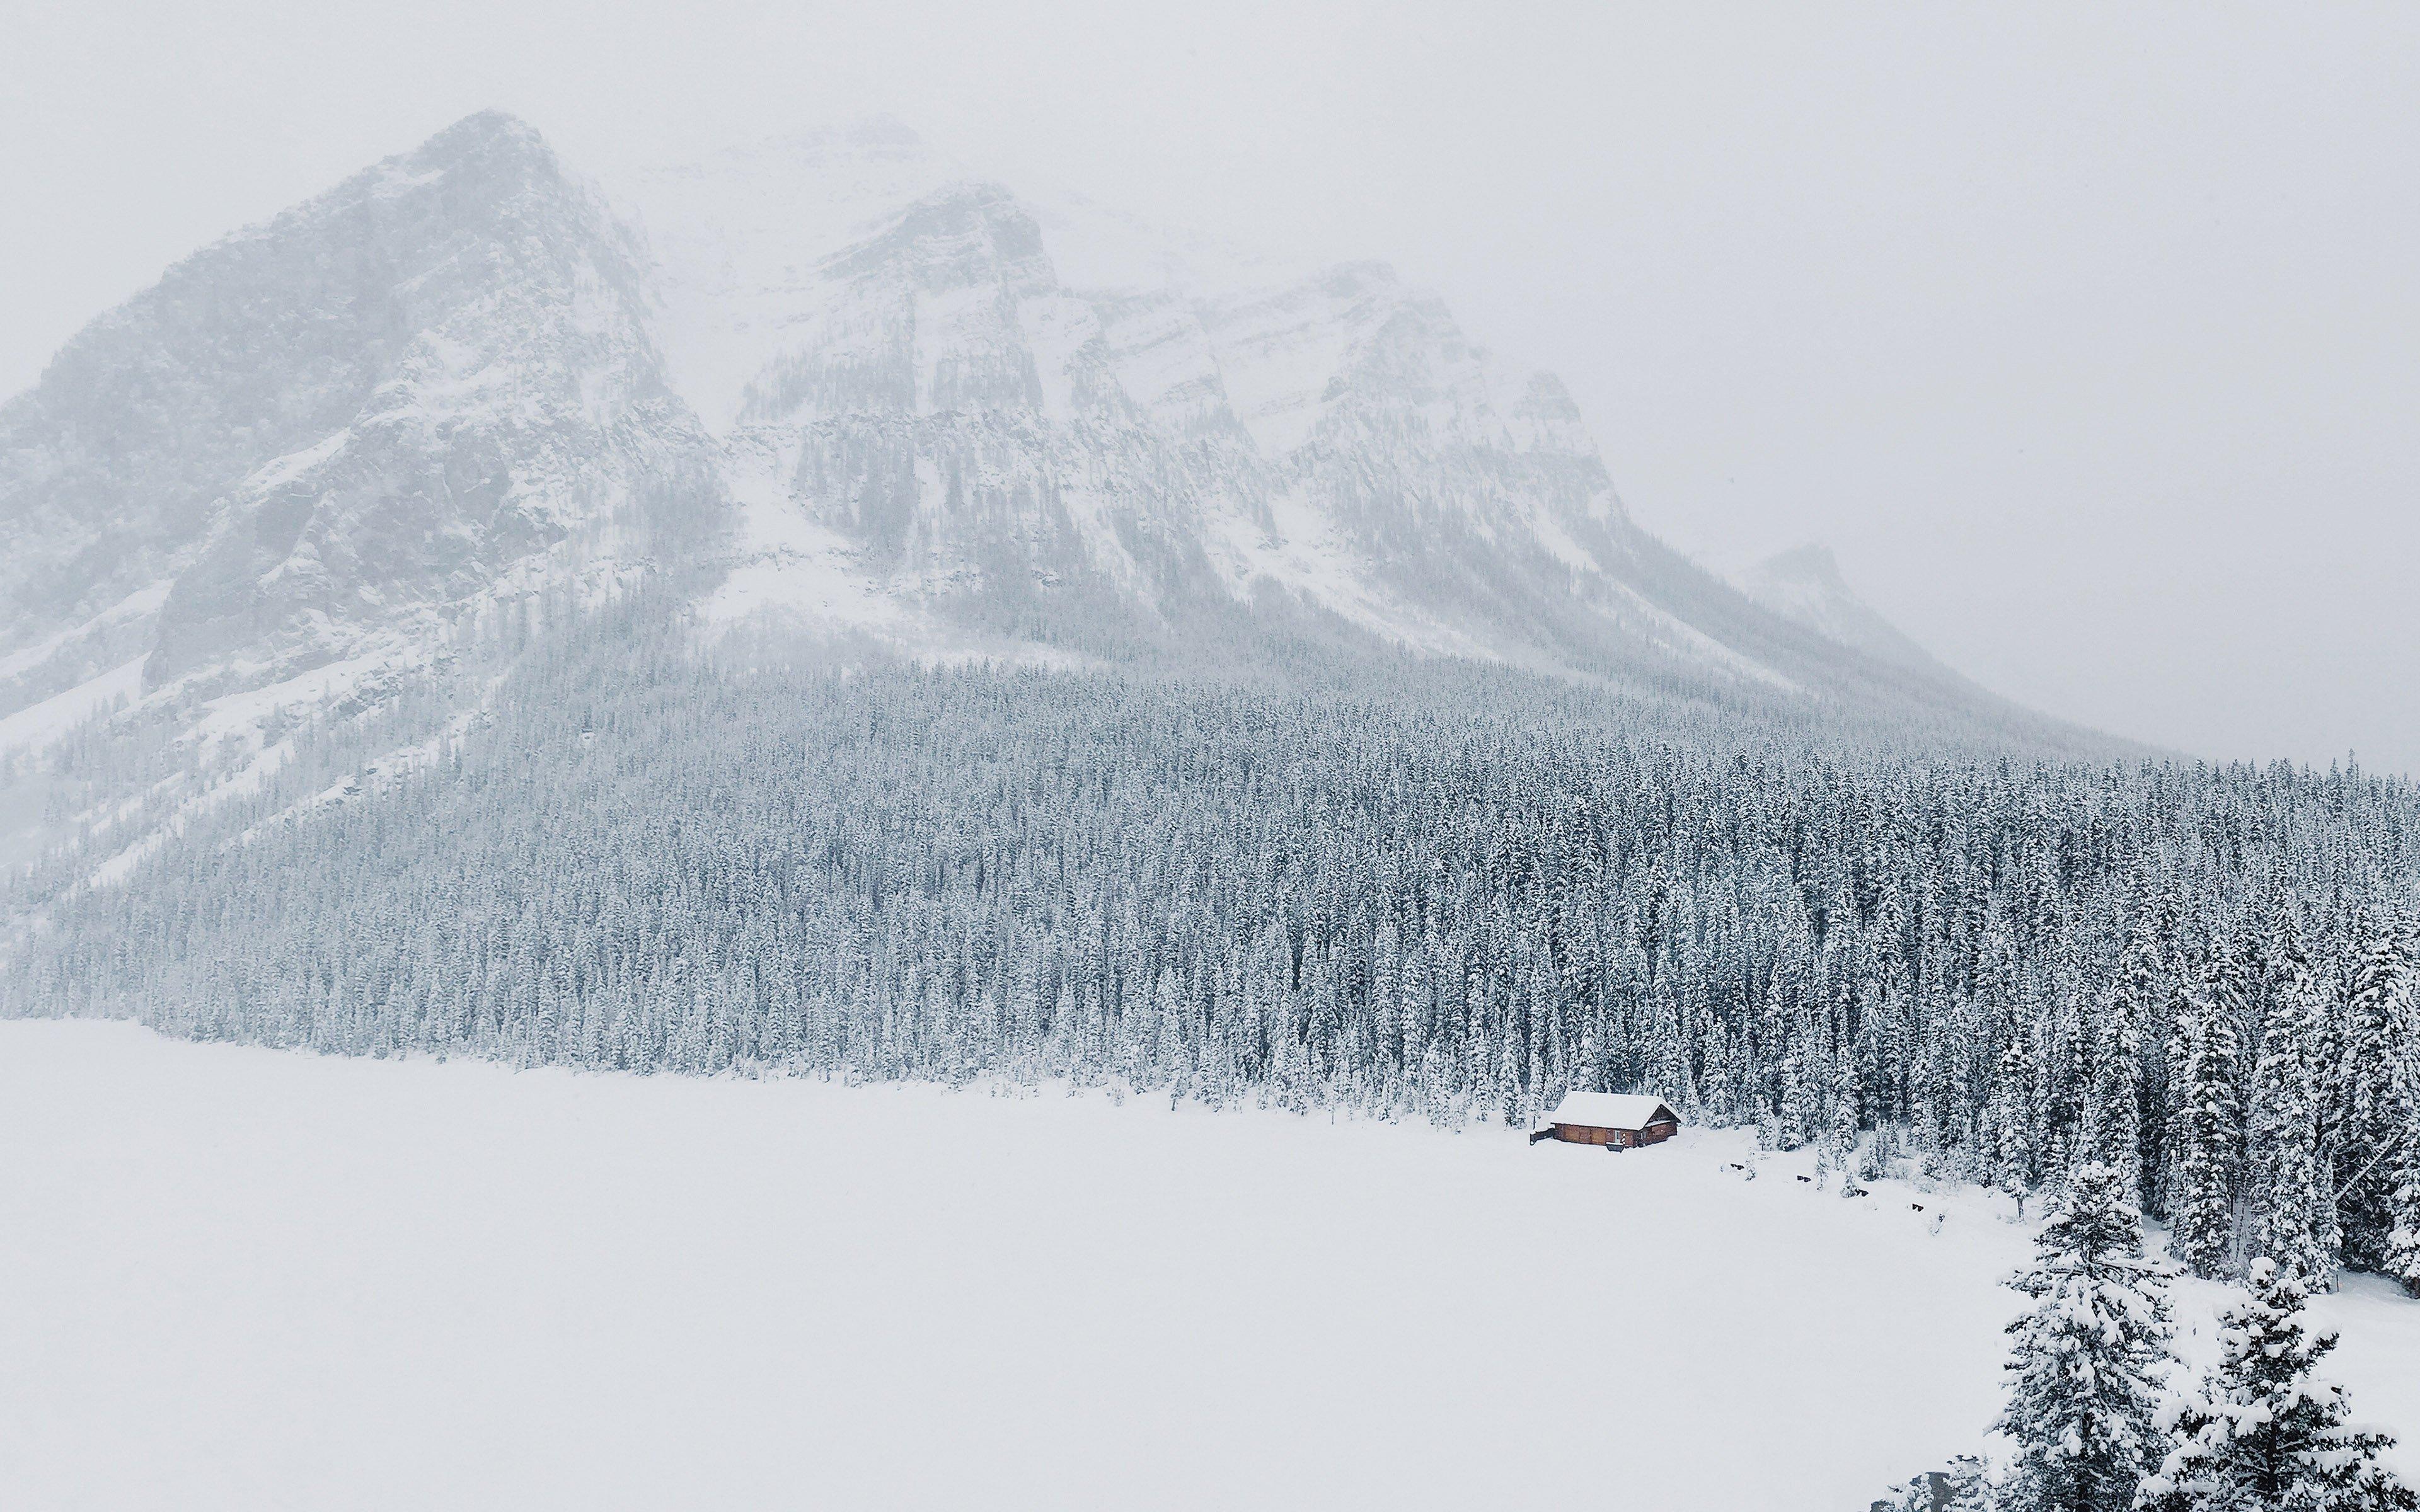 зима, снег, лег, гора, 4k ultra hd